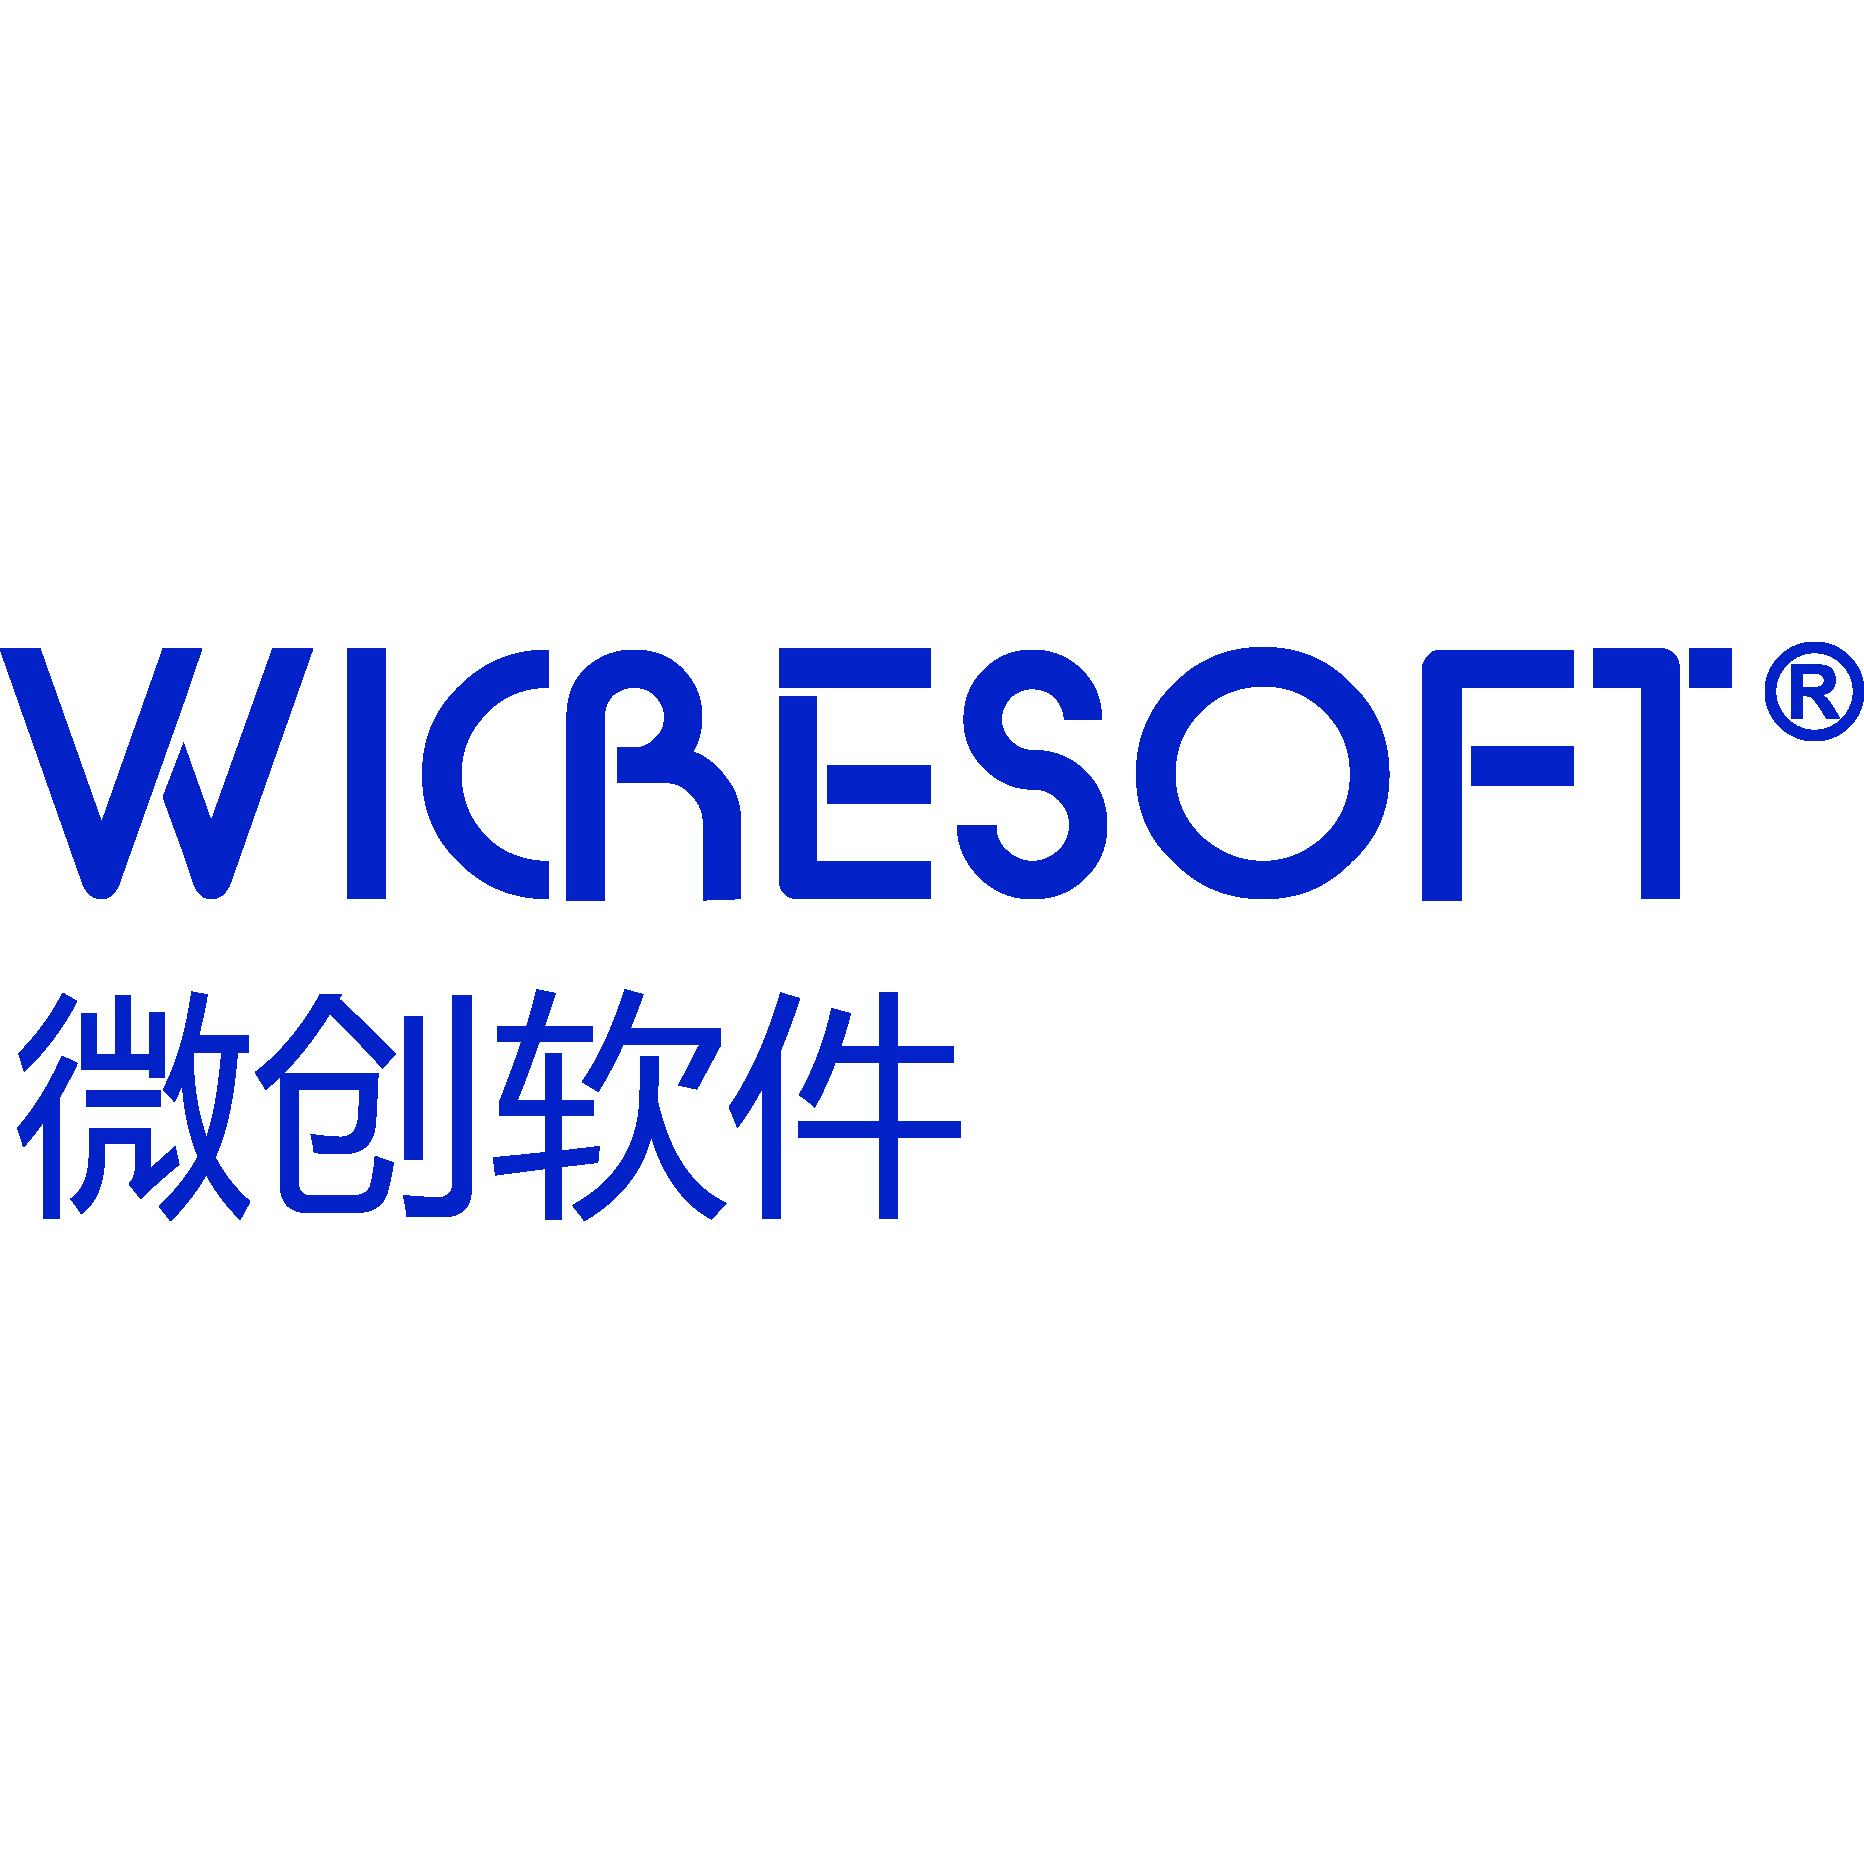 上海微创软件股份有限公司